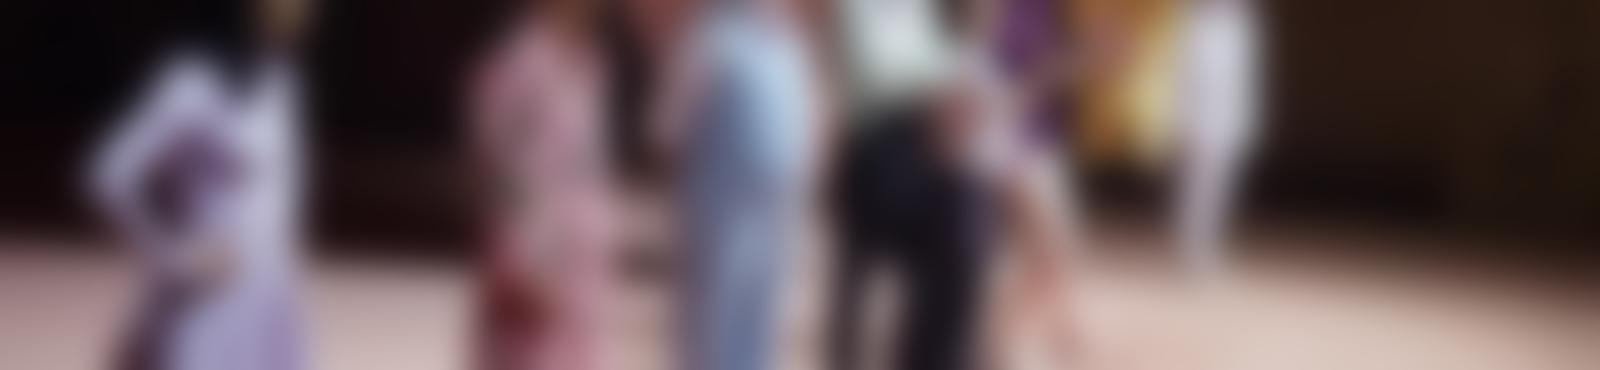 Blurred 6cd1fbb4 5a76 4f50 a5cf 40509af46171